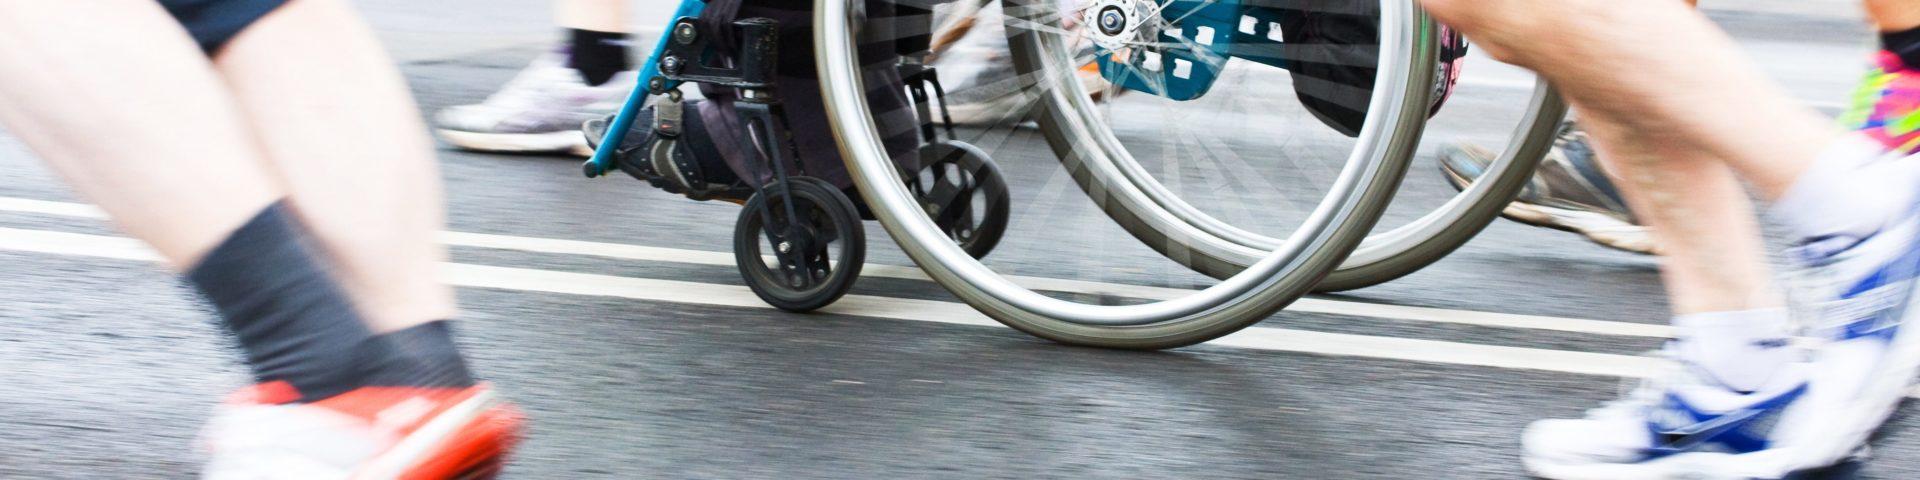 Ofertas de empleo para personas con discapacidad |No dejar a nadie atrás